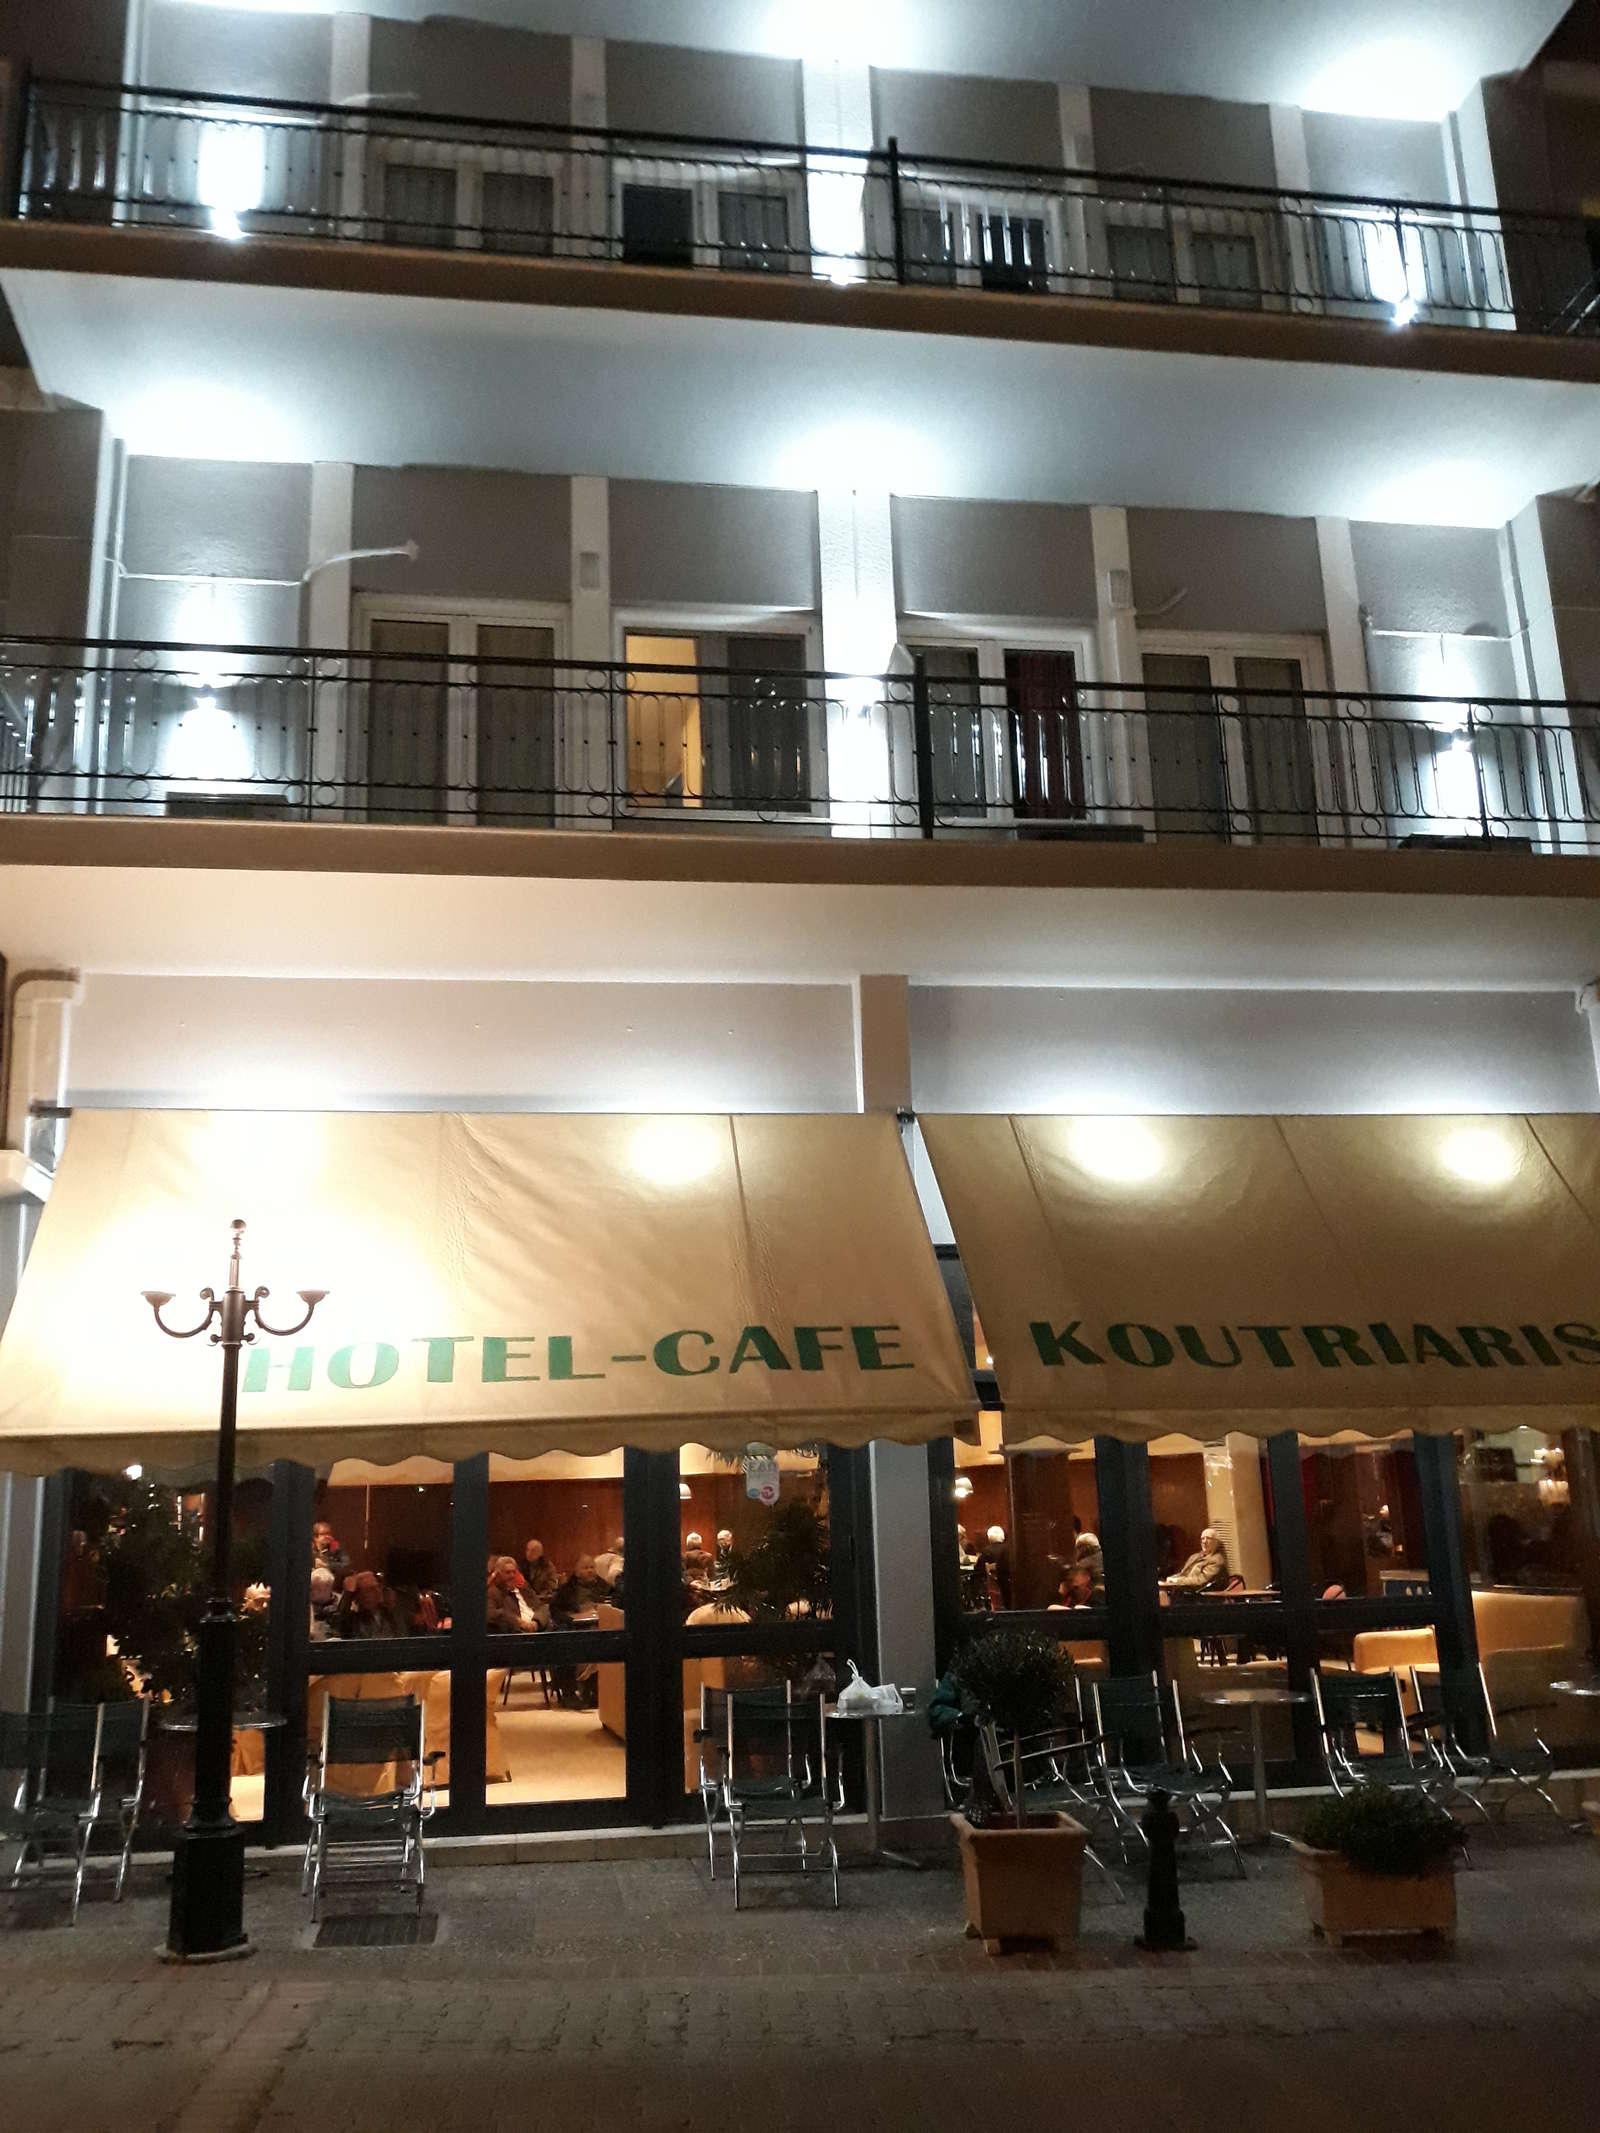 ΚΟΥΤΡΙΑΡΗΣ Hotel – Café